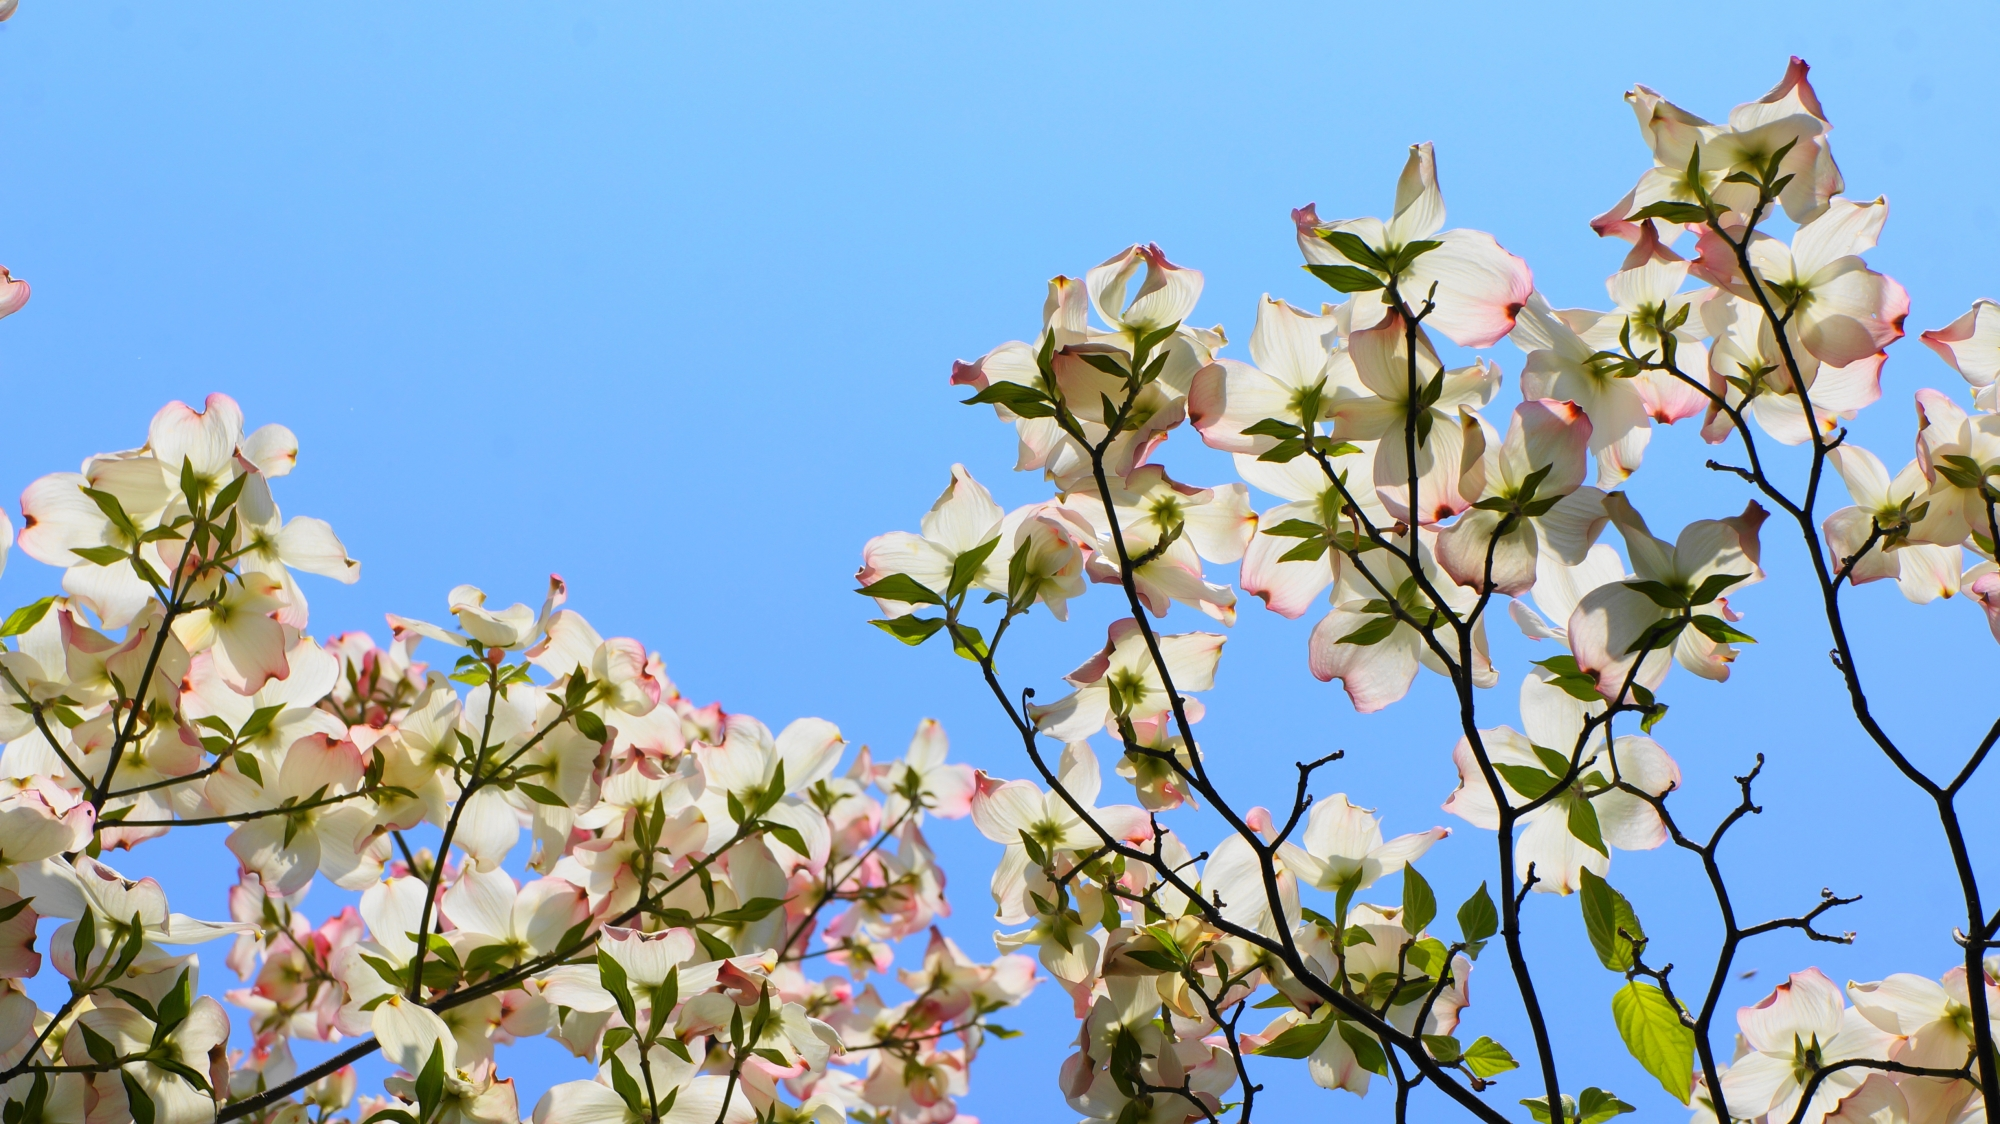 太陽を浴びて透き通る白とピンクのハナミズキ